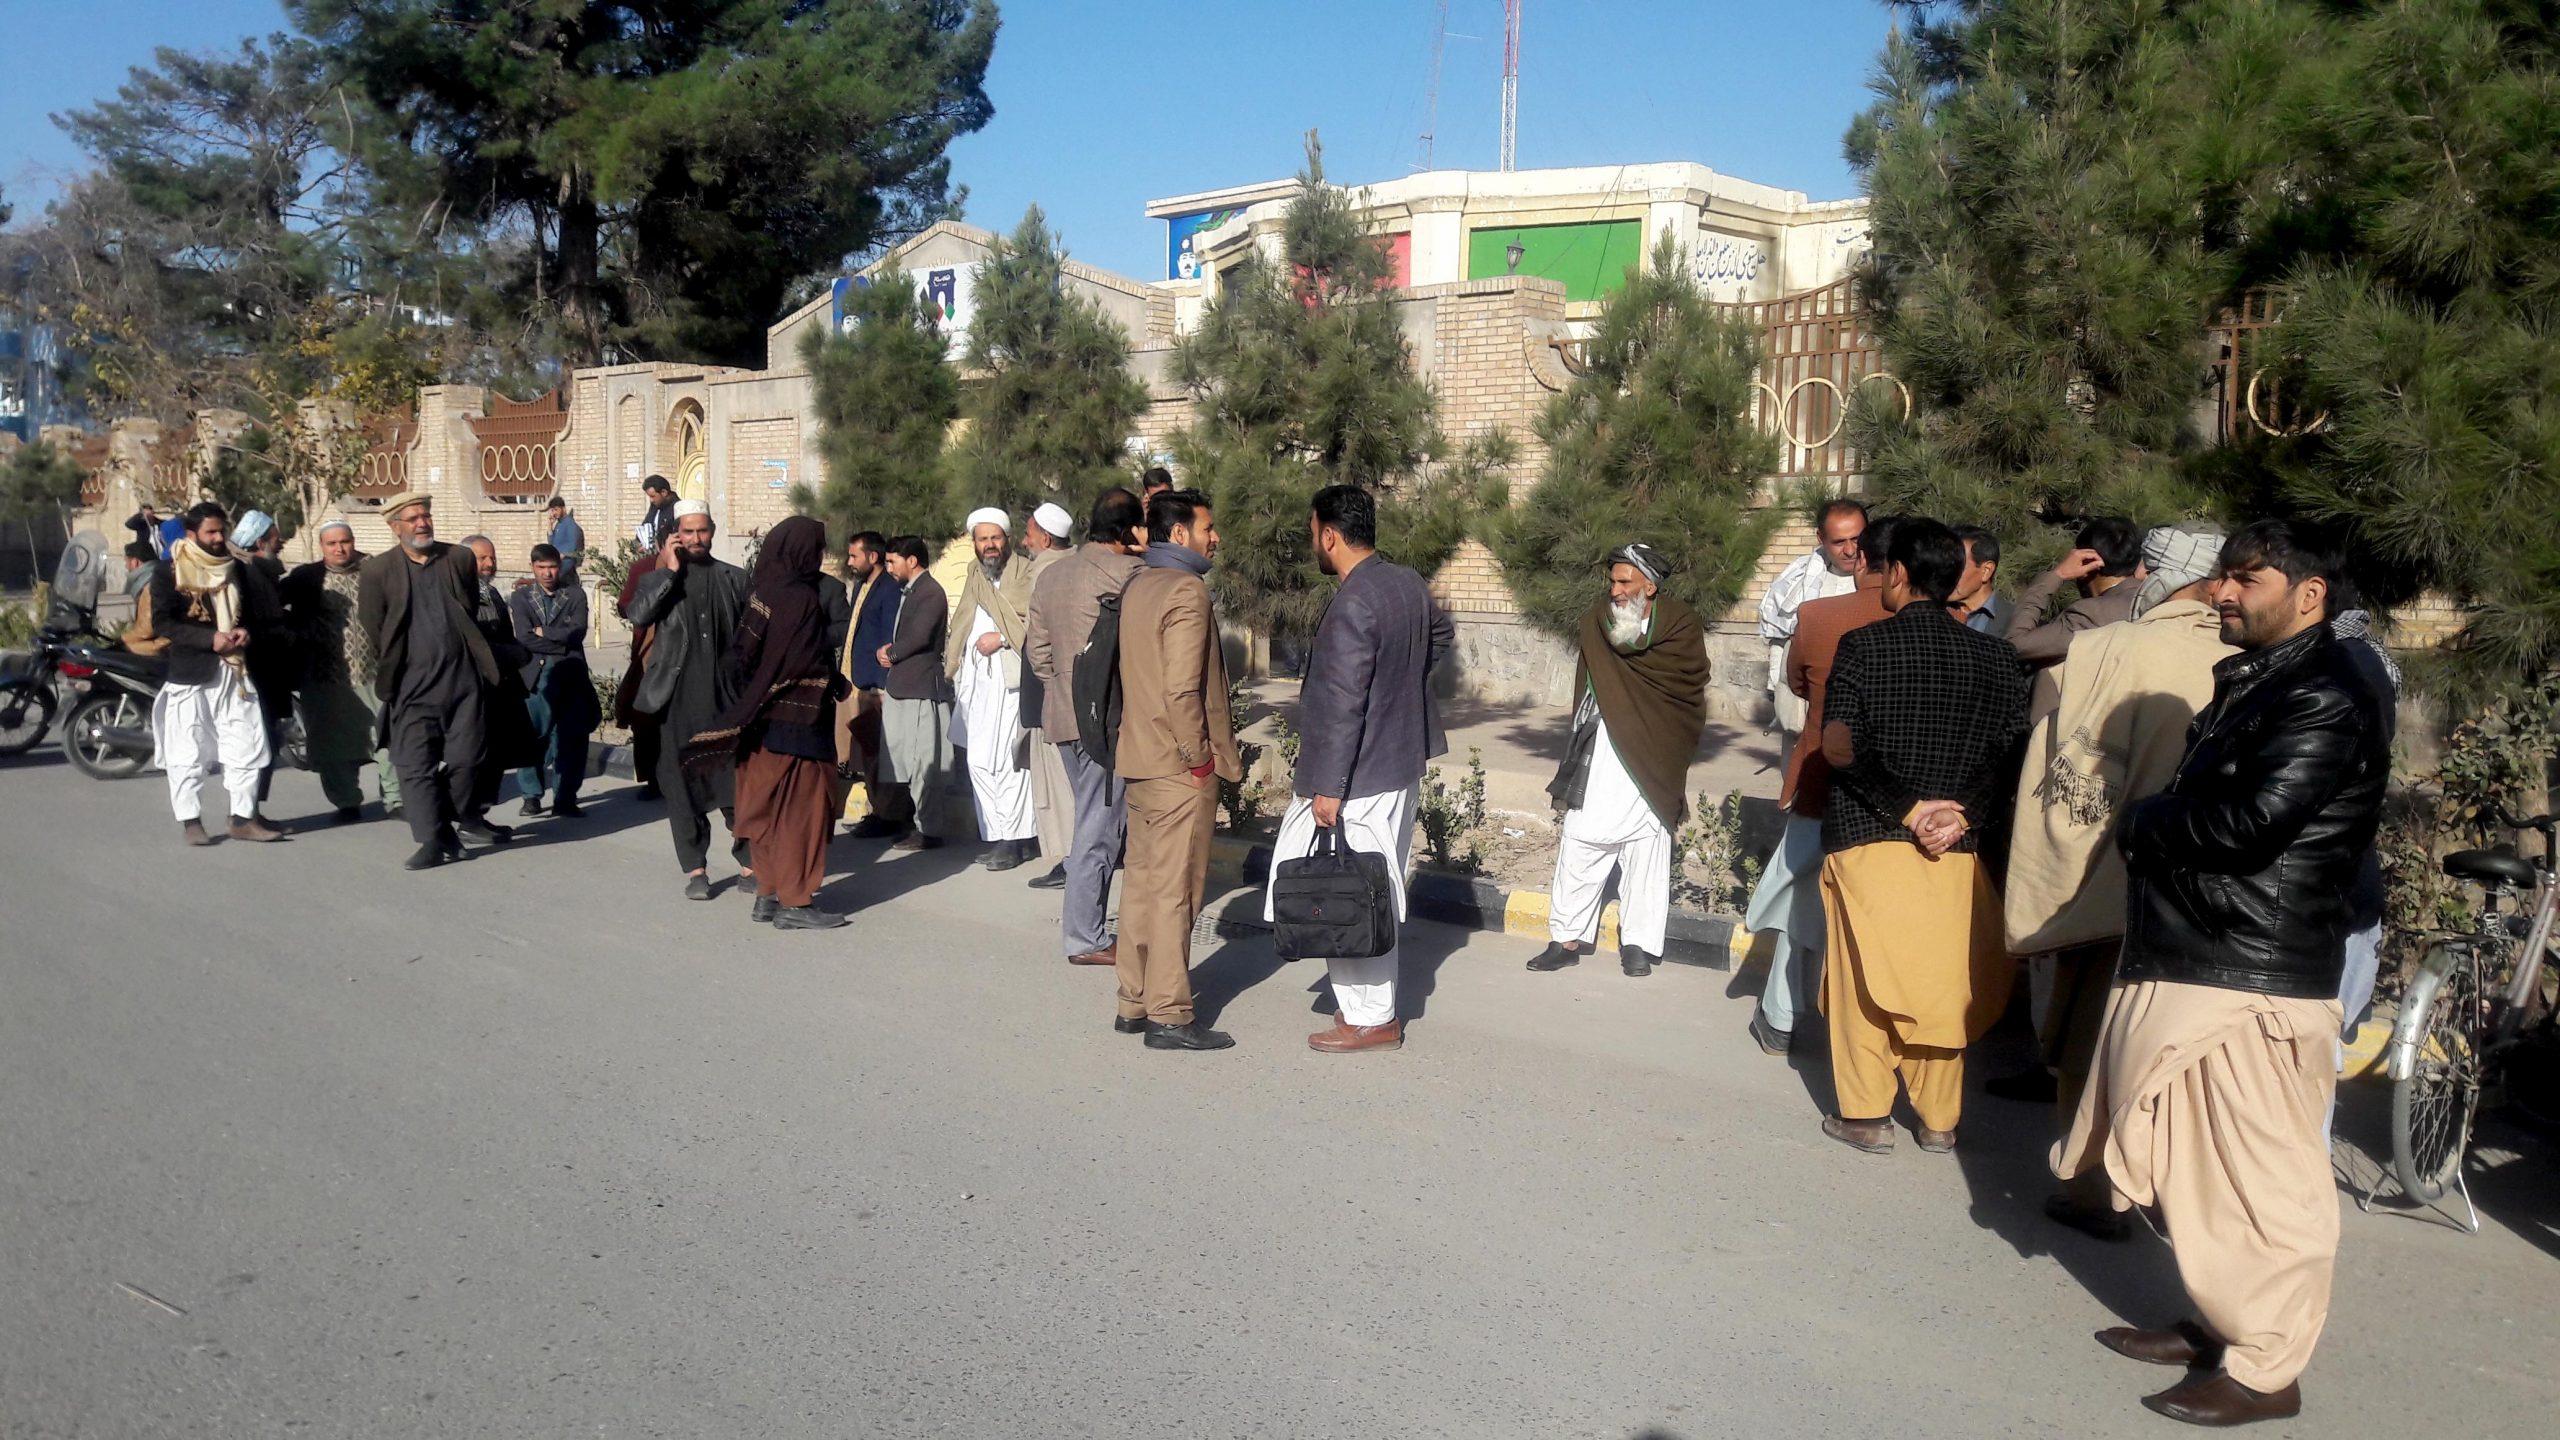 آموزگاران انجیل هرات به تأخیر دو ماهه پرداخت معاششان اعتراض کردند